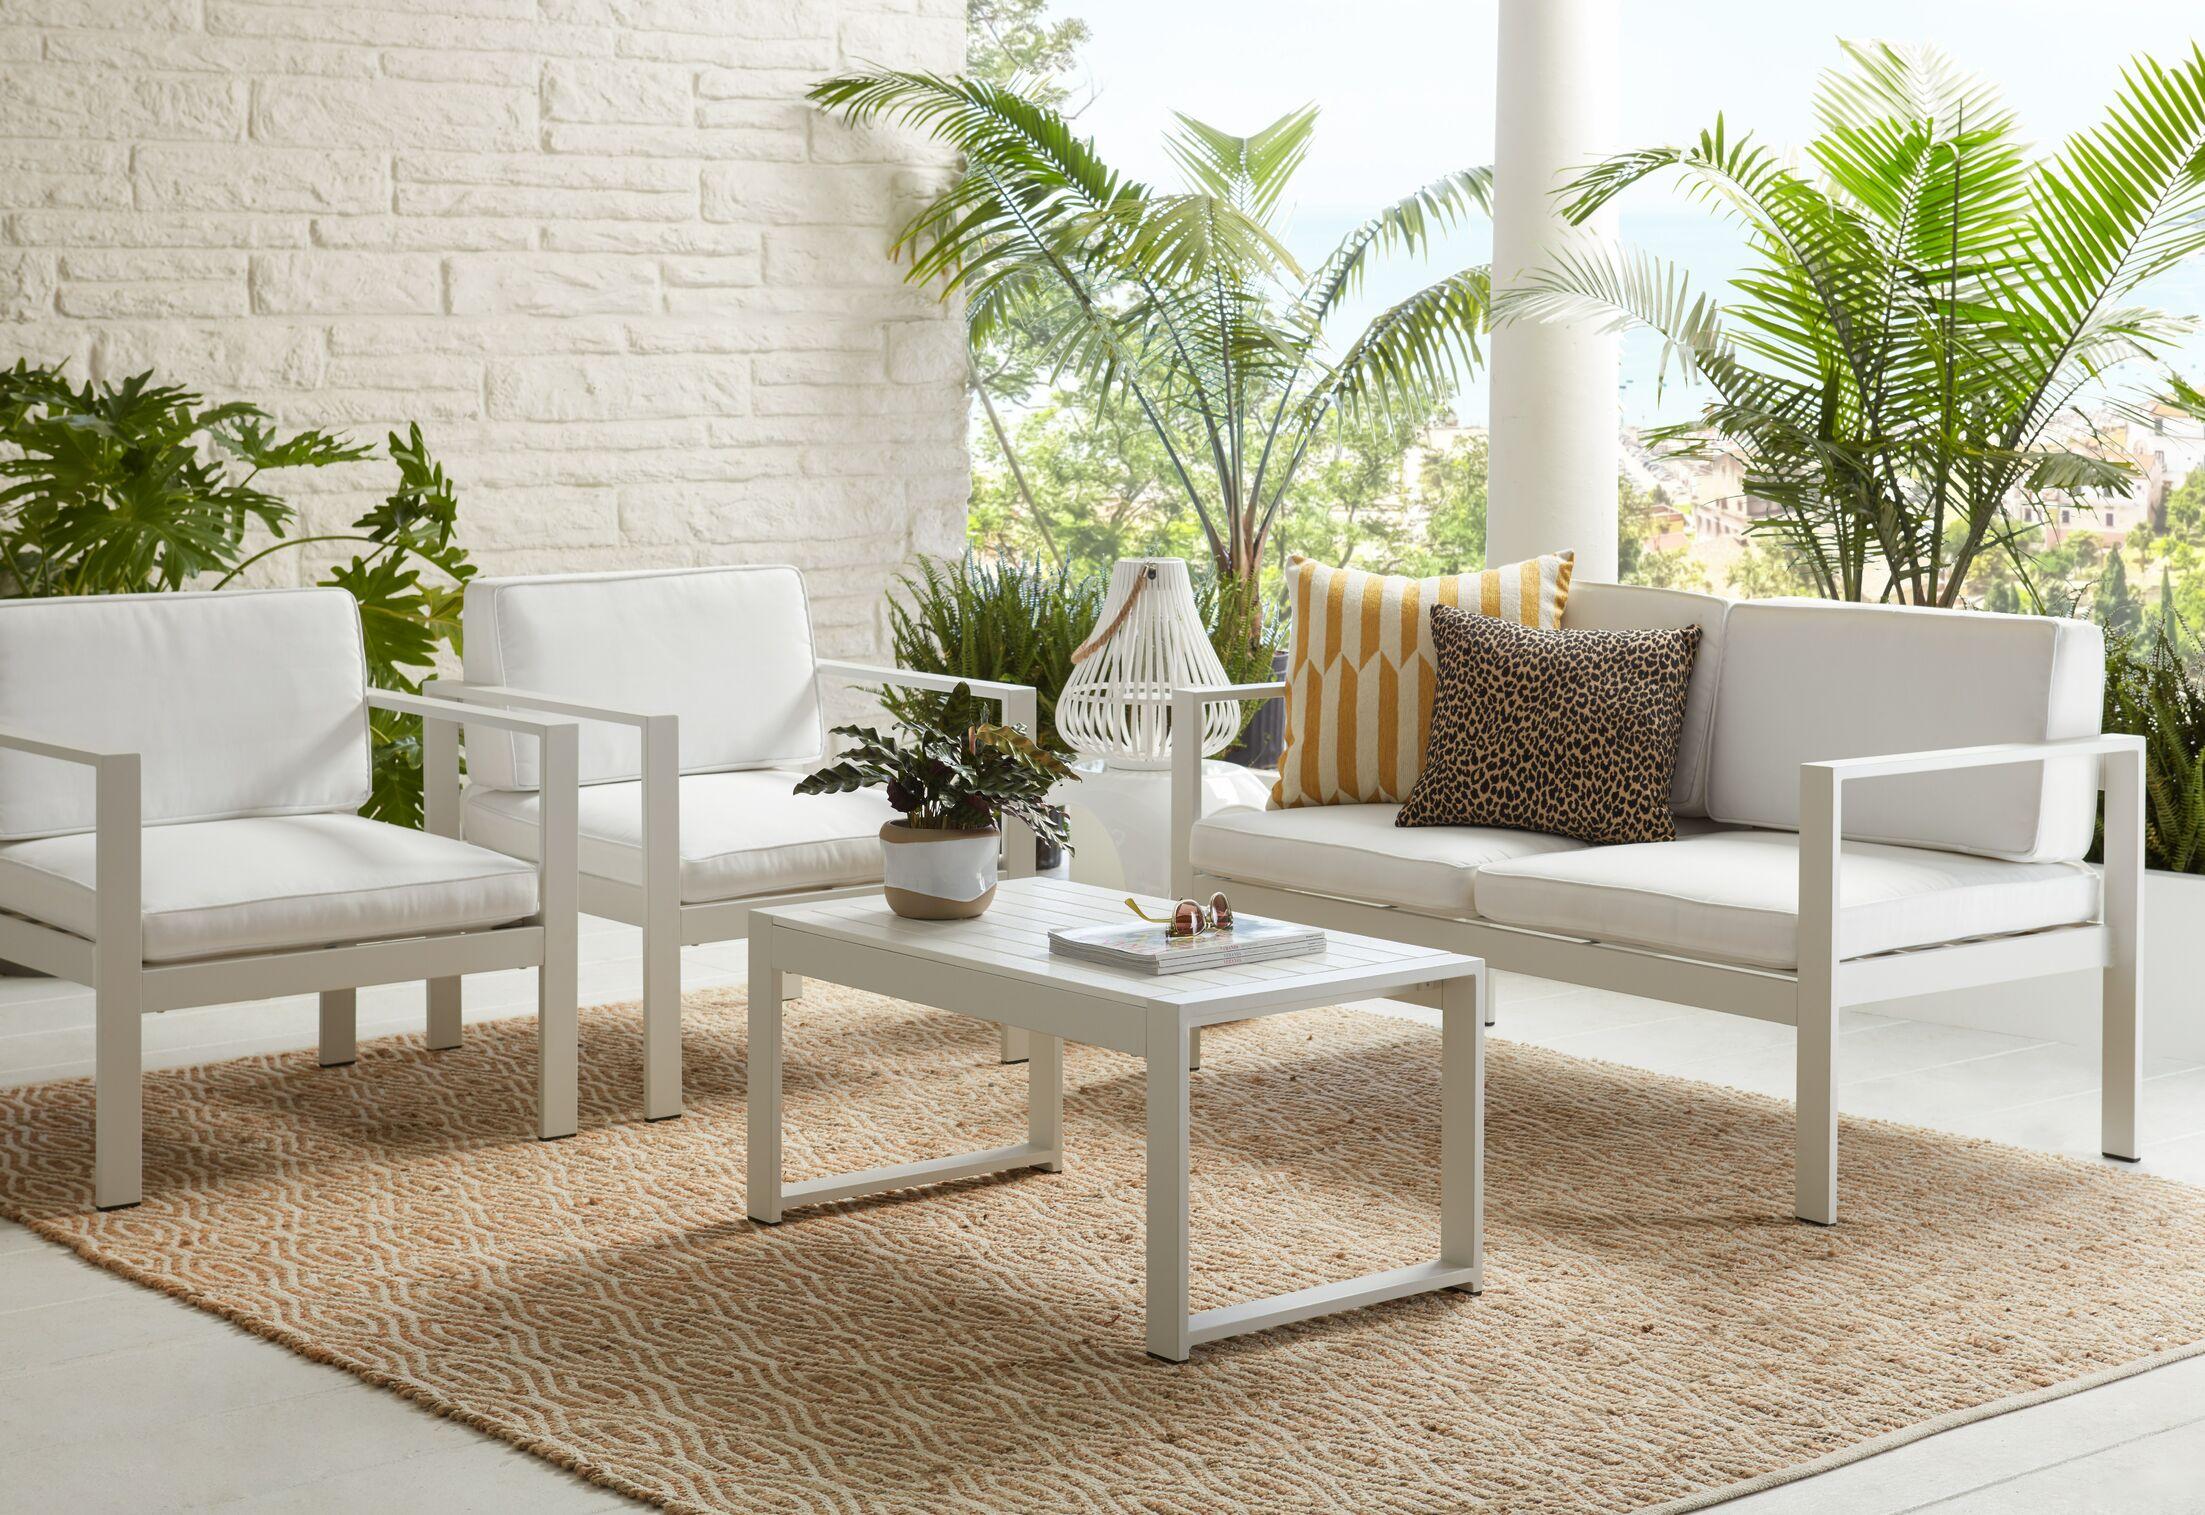 Gomer 4 Piece Sofa Set Color: White